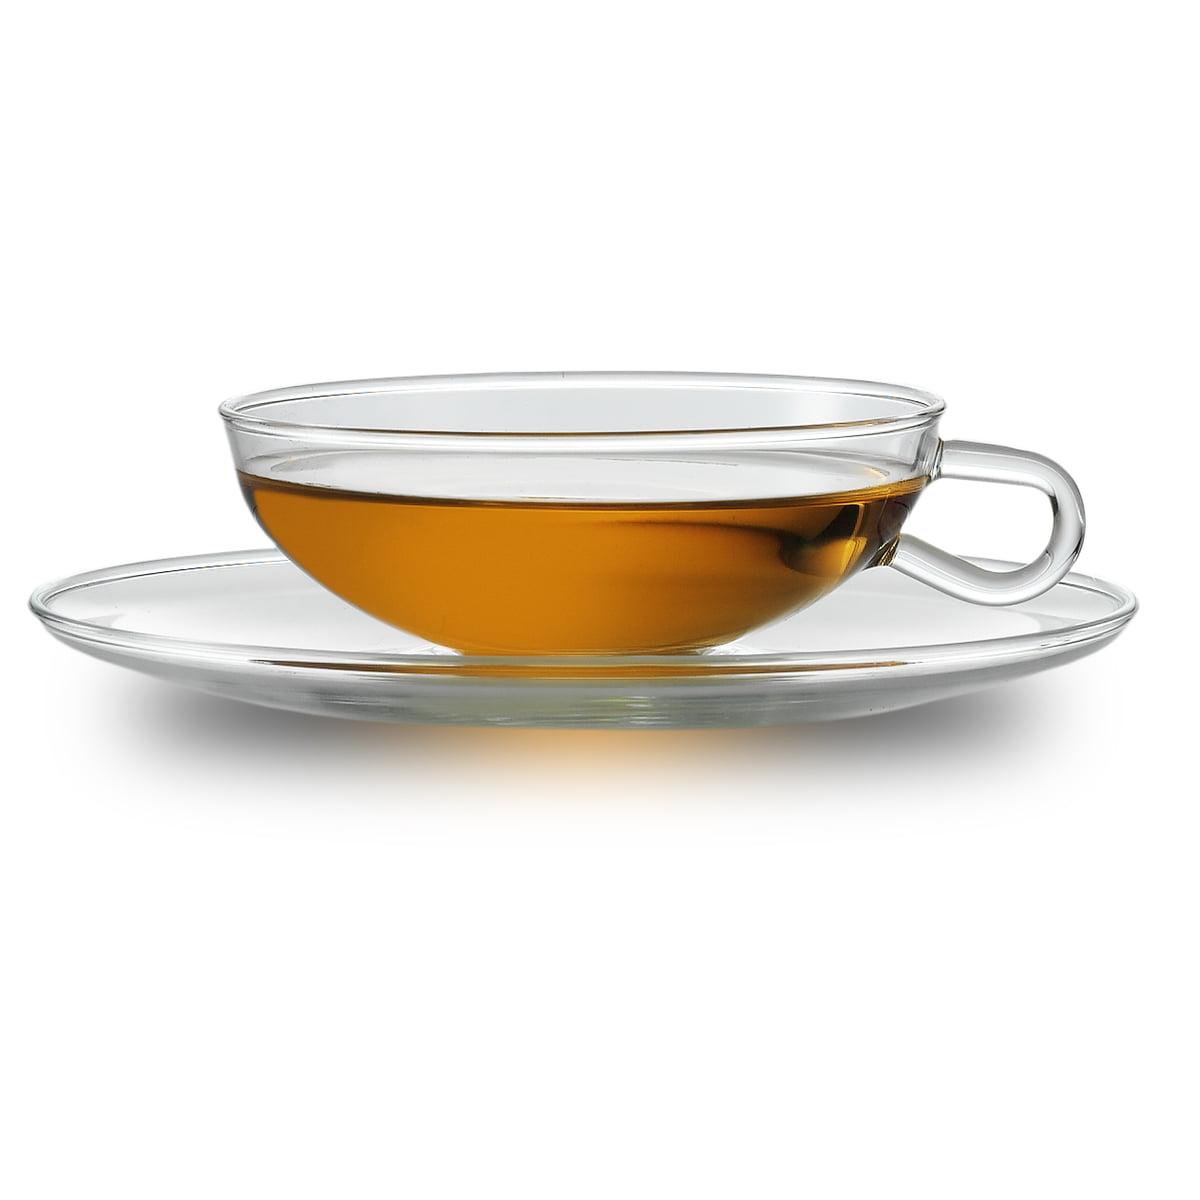 Teetassen Glas wagenfeld tea cup by jenaer glas in the shop